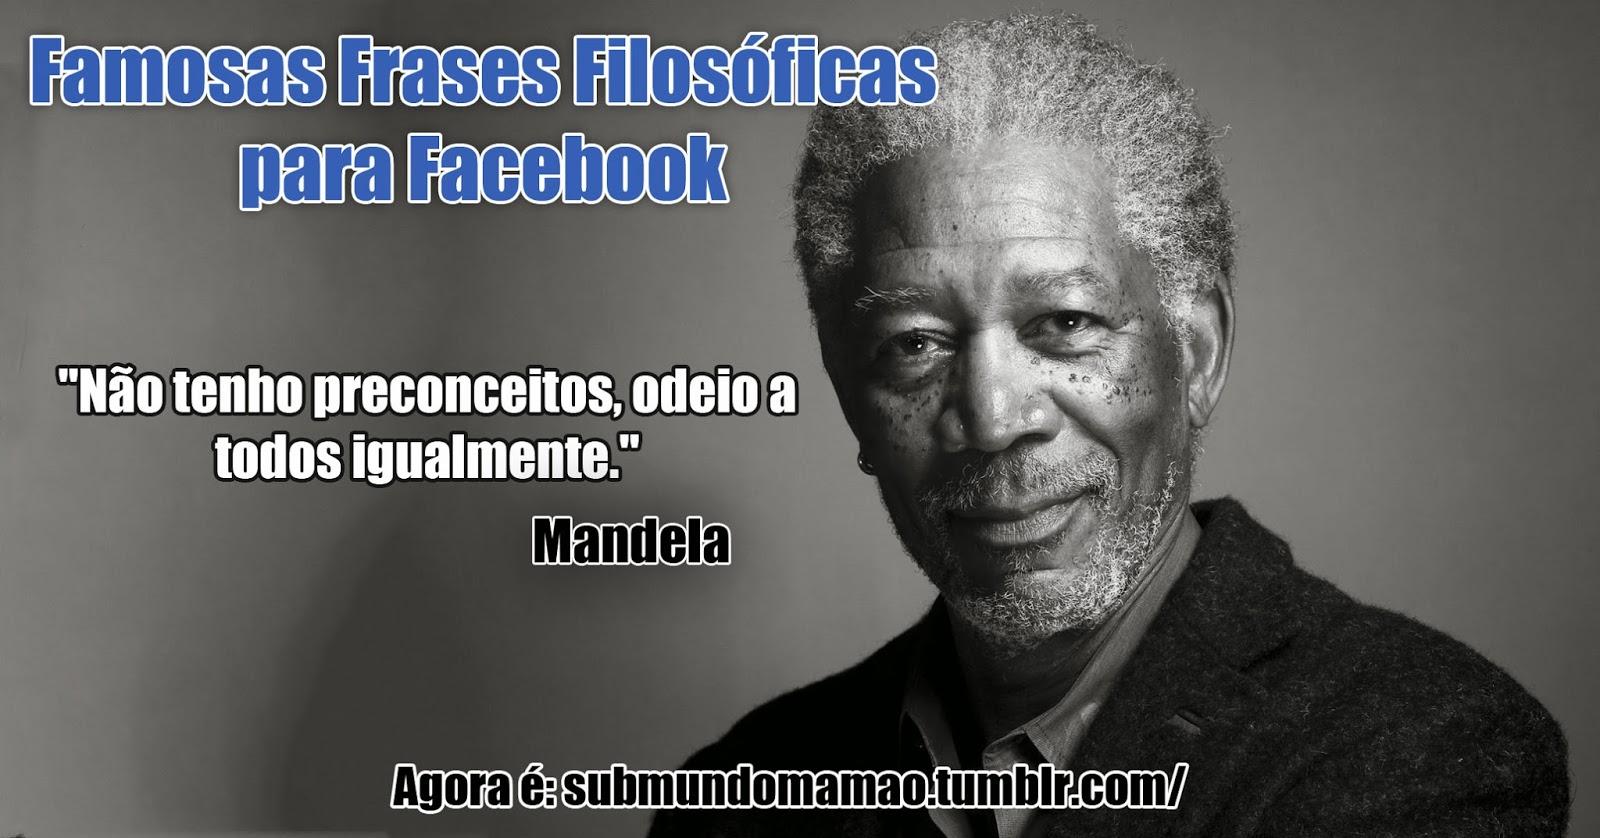 Frases De Motivacao Em Portugues: Frases Filosoficas Em Portugues